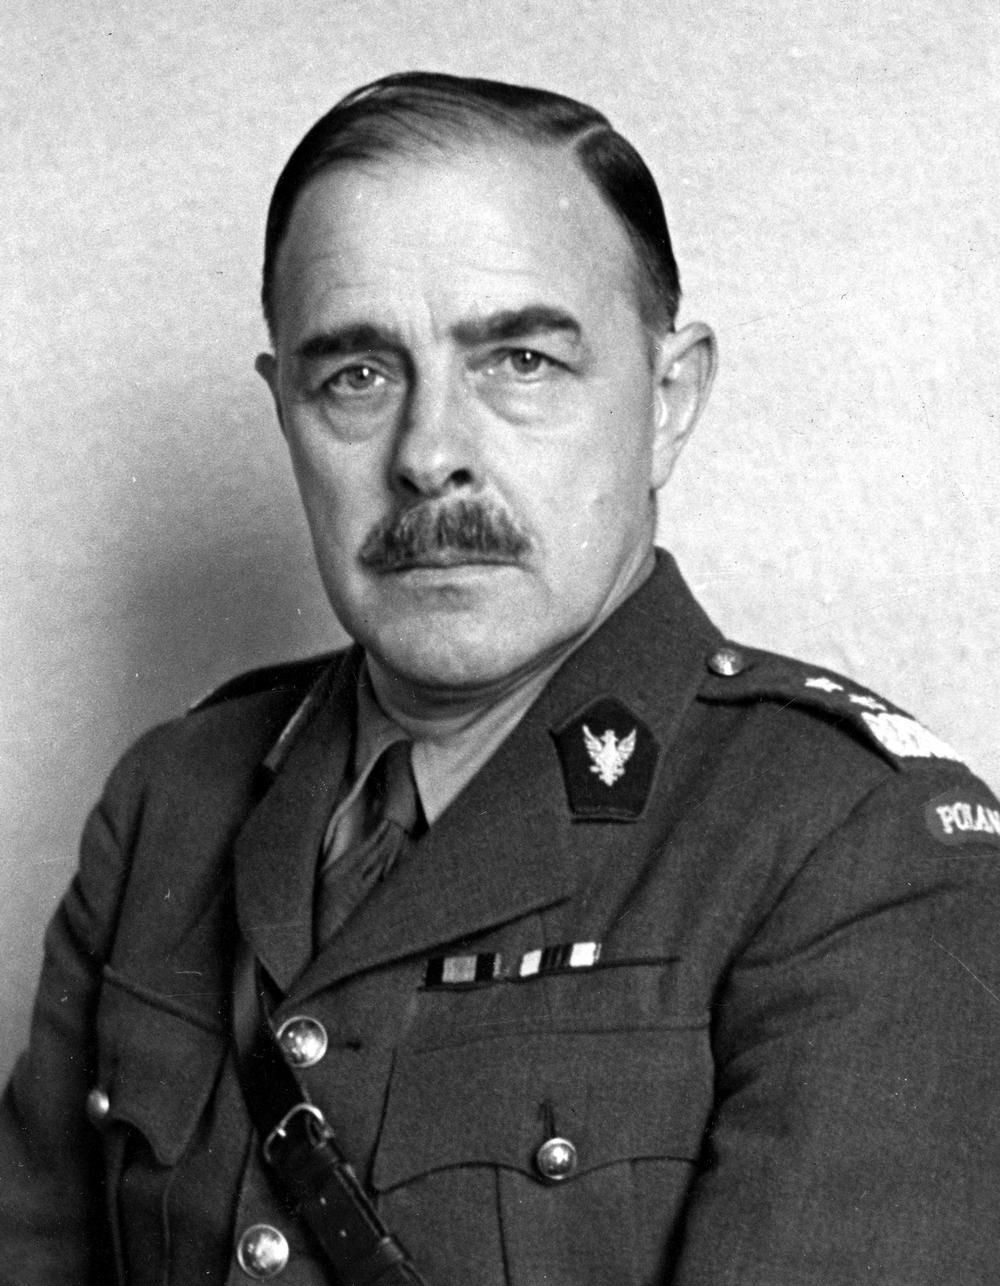 Generał Marian Żegota-Januszajtis został uznany przez NKWD za interesującego rozmówcę ponieważ trzymał się tezy, iż po ataku Niemców na ZSRR Stalinowi będzie potrzebna armia (źródło: domena publiczna).